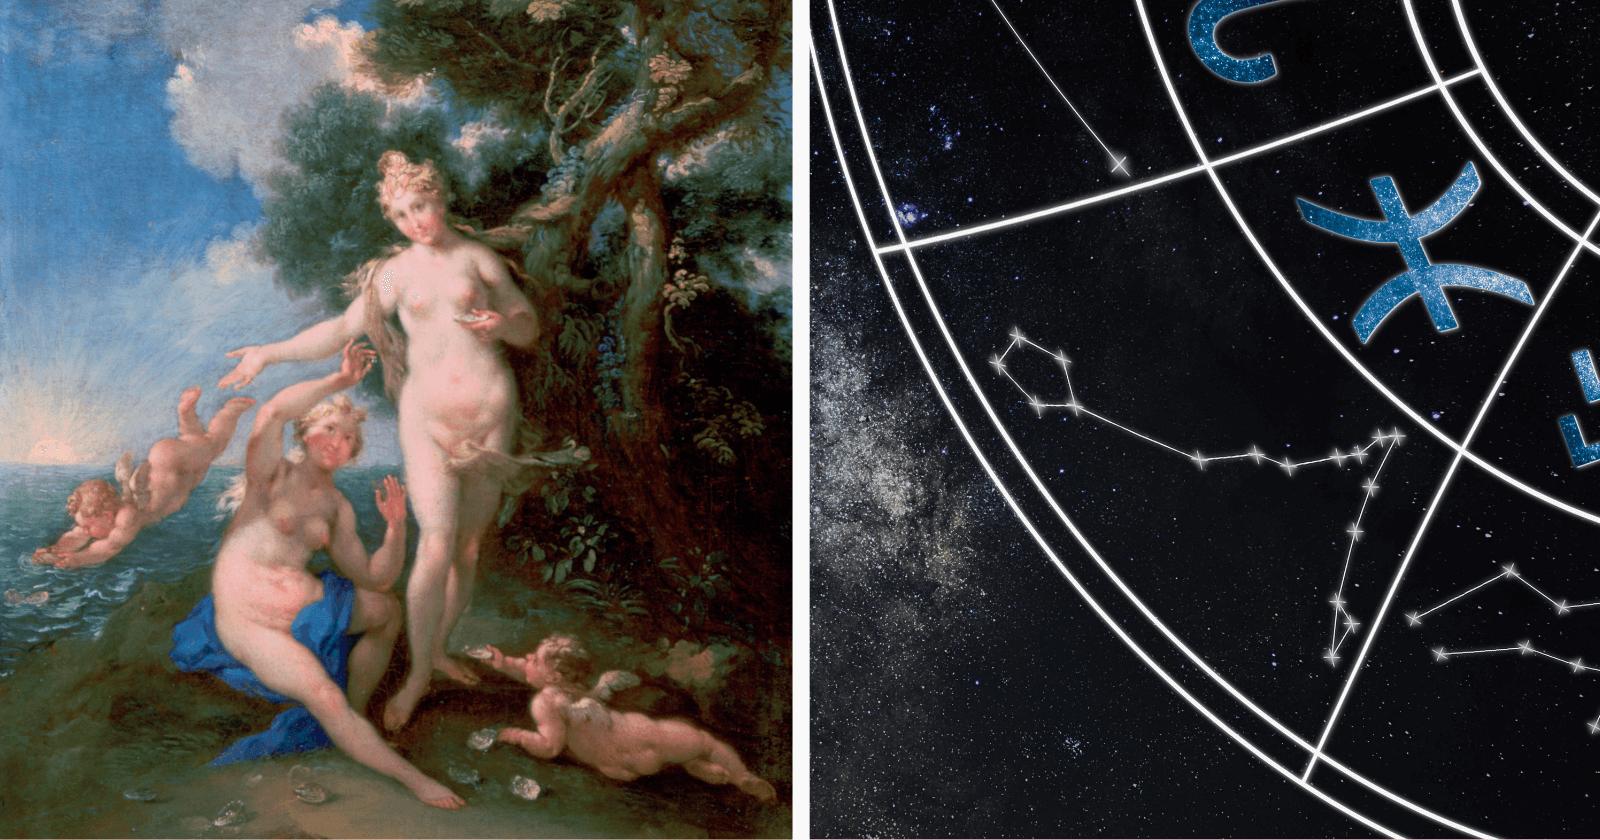 Vênus nos Signos: as fortes INFLUÊNCIAS do planeta no Mapa Astral